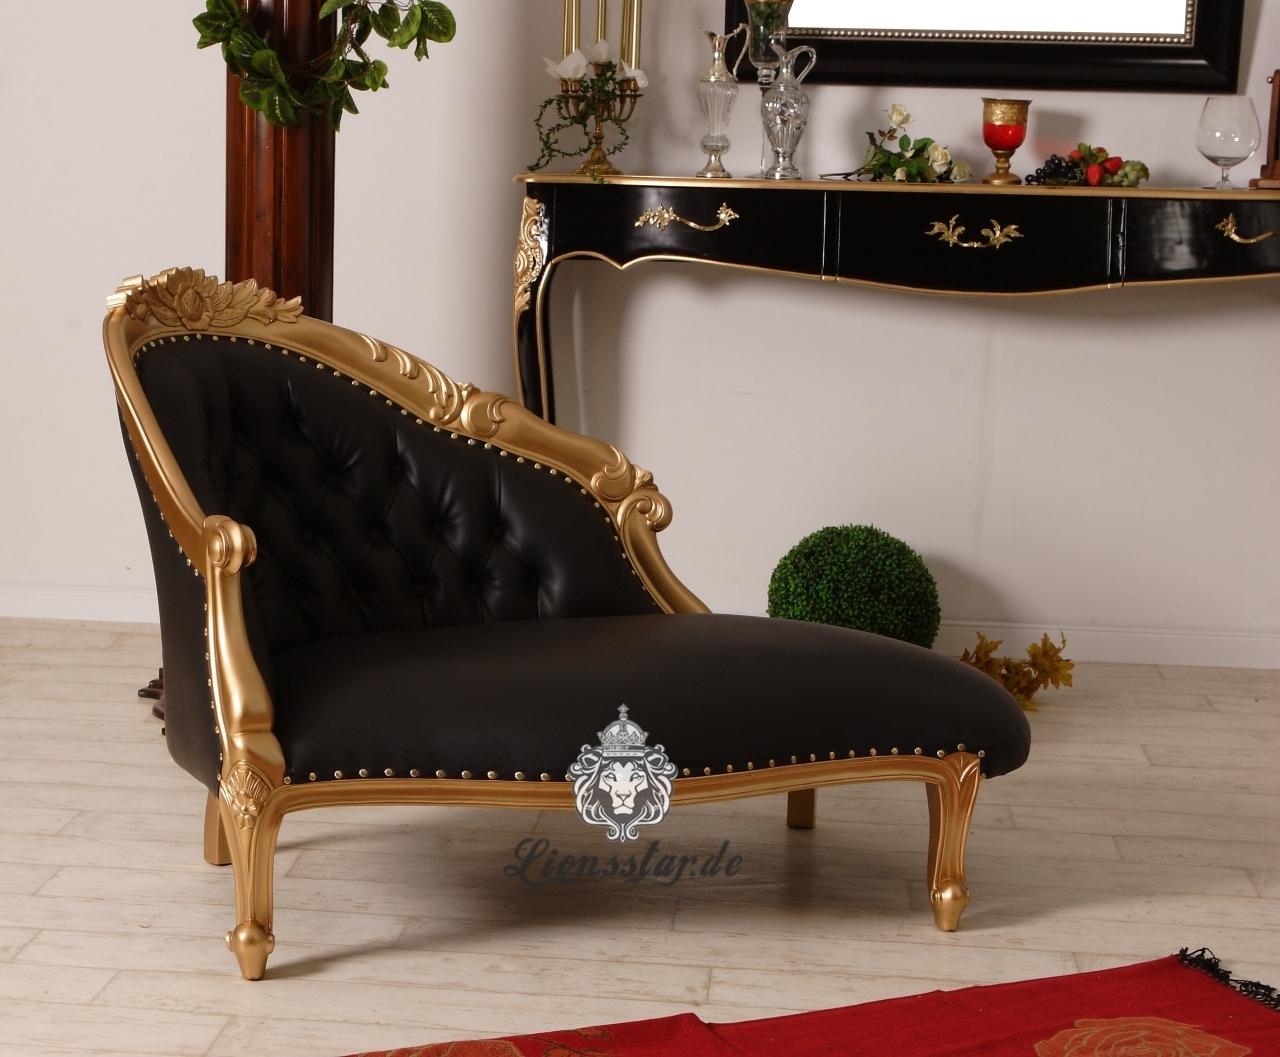 Full Size of Recamiere Samt Barock Sofa Gold Schwarz Lionsstar Gmbh Mit Wohnzimmer Recamiere Samt